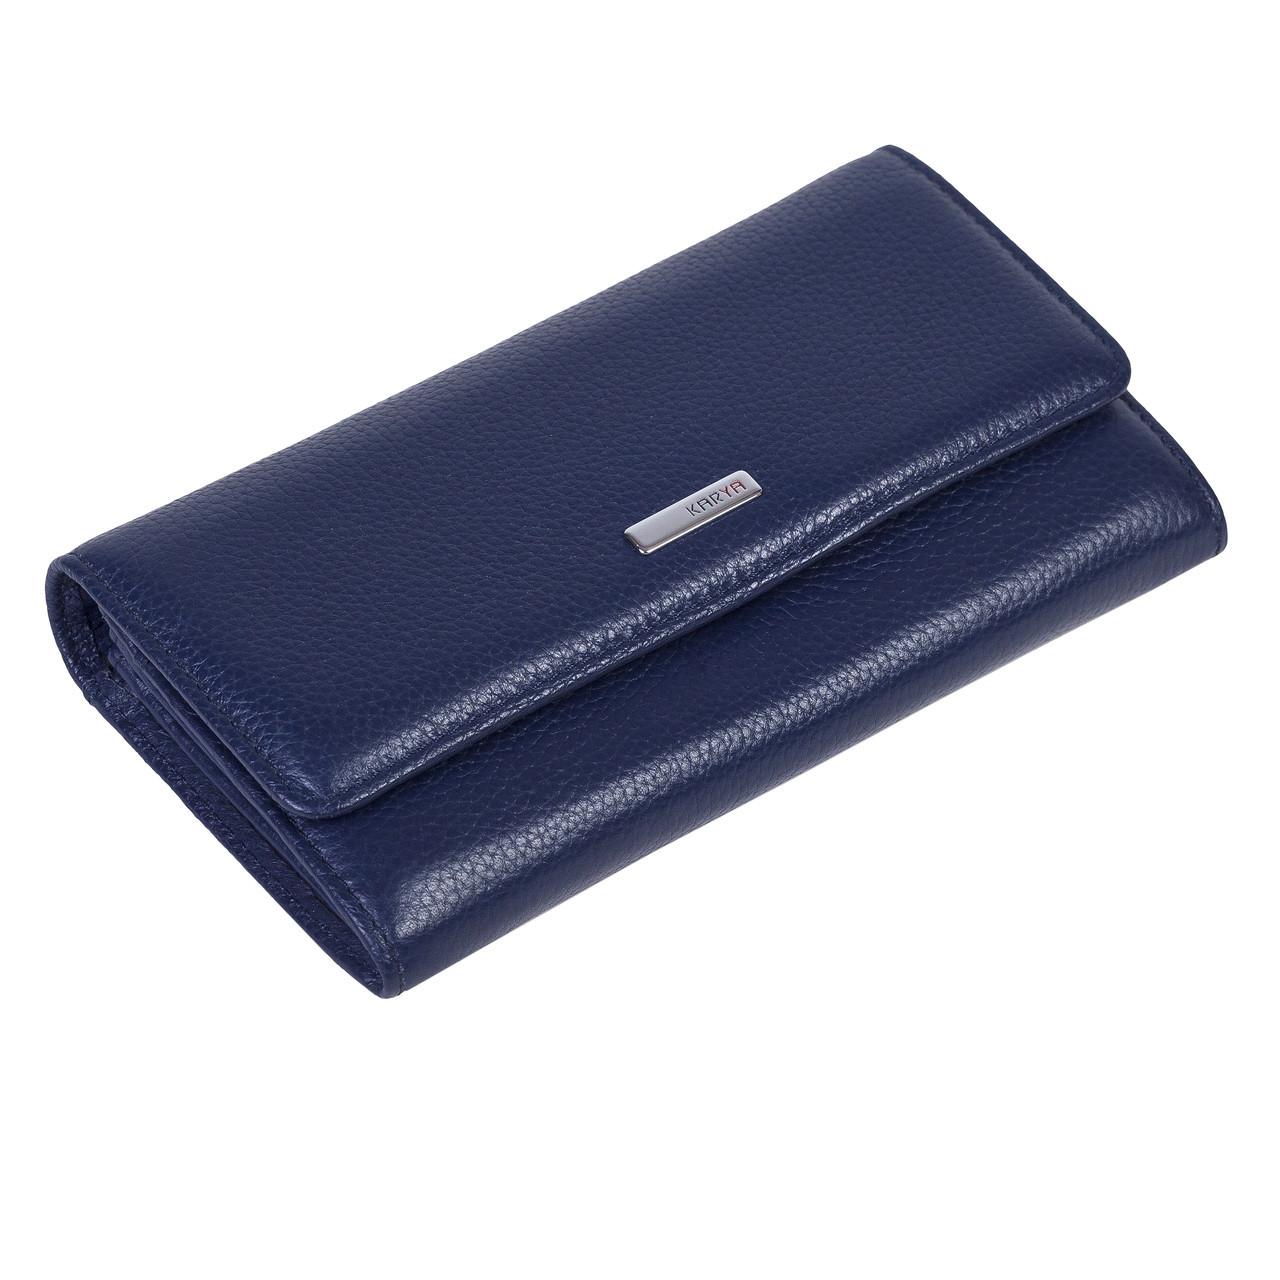 Женский кошелек Karya 1061-44 кожаный синий